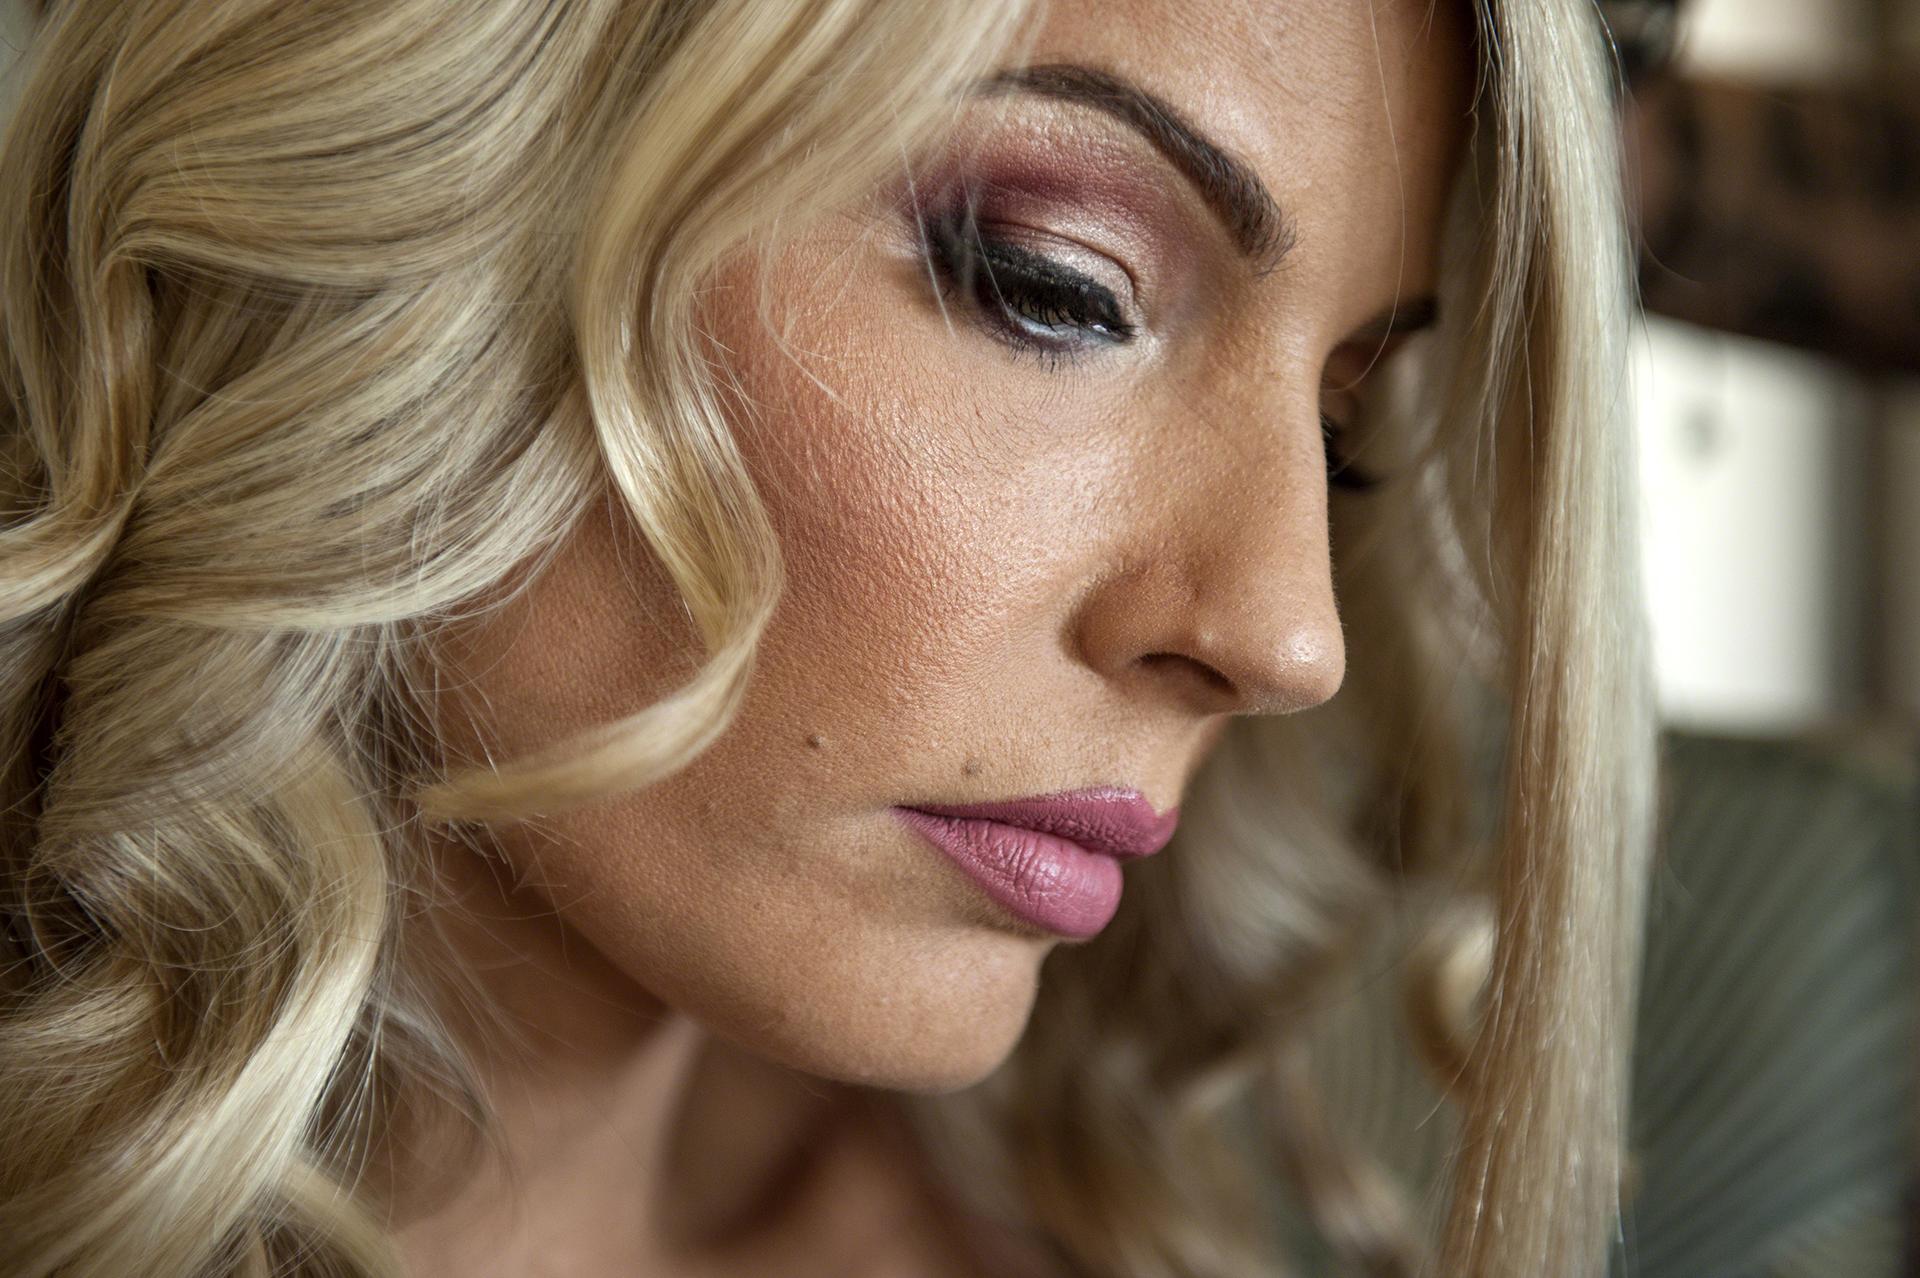 Maristella Greco Nude Photos 5